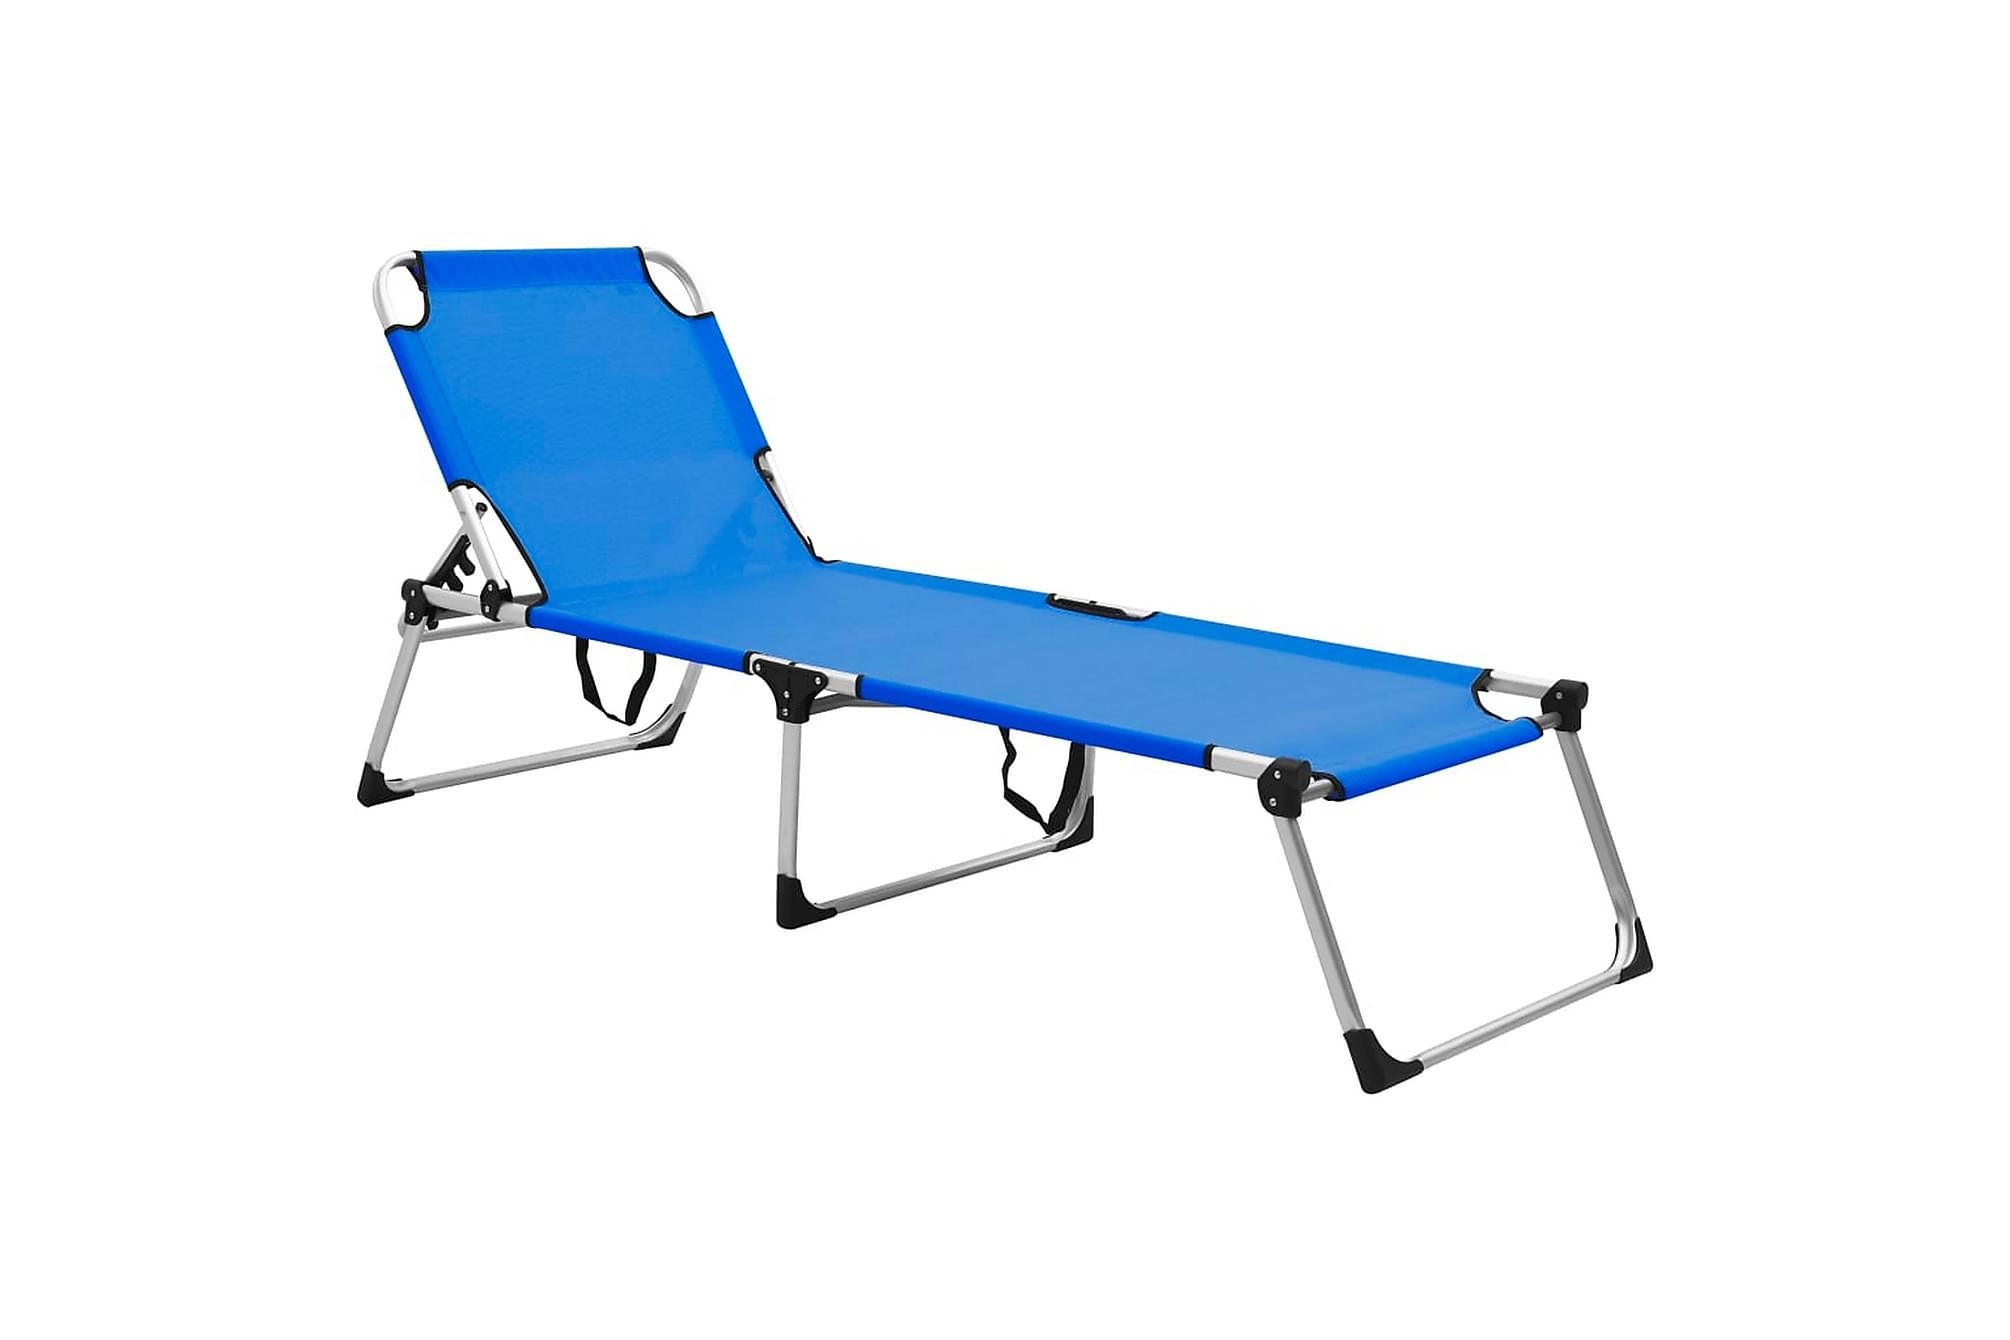 Extra hög solstol för seniorer hopfällbar blå aluminium, Solstol